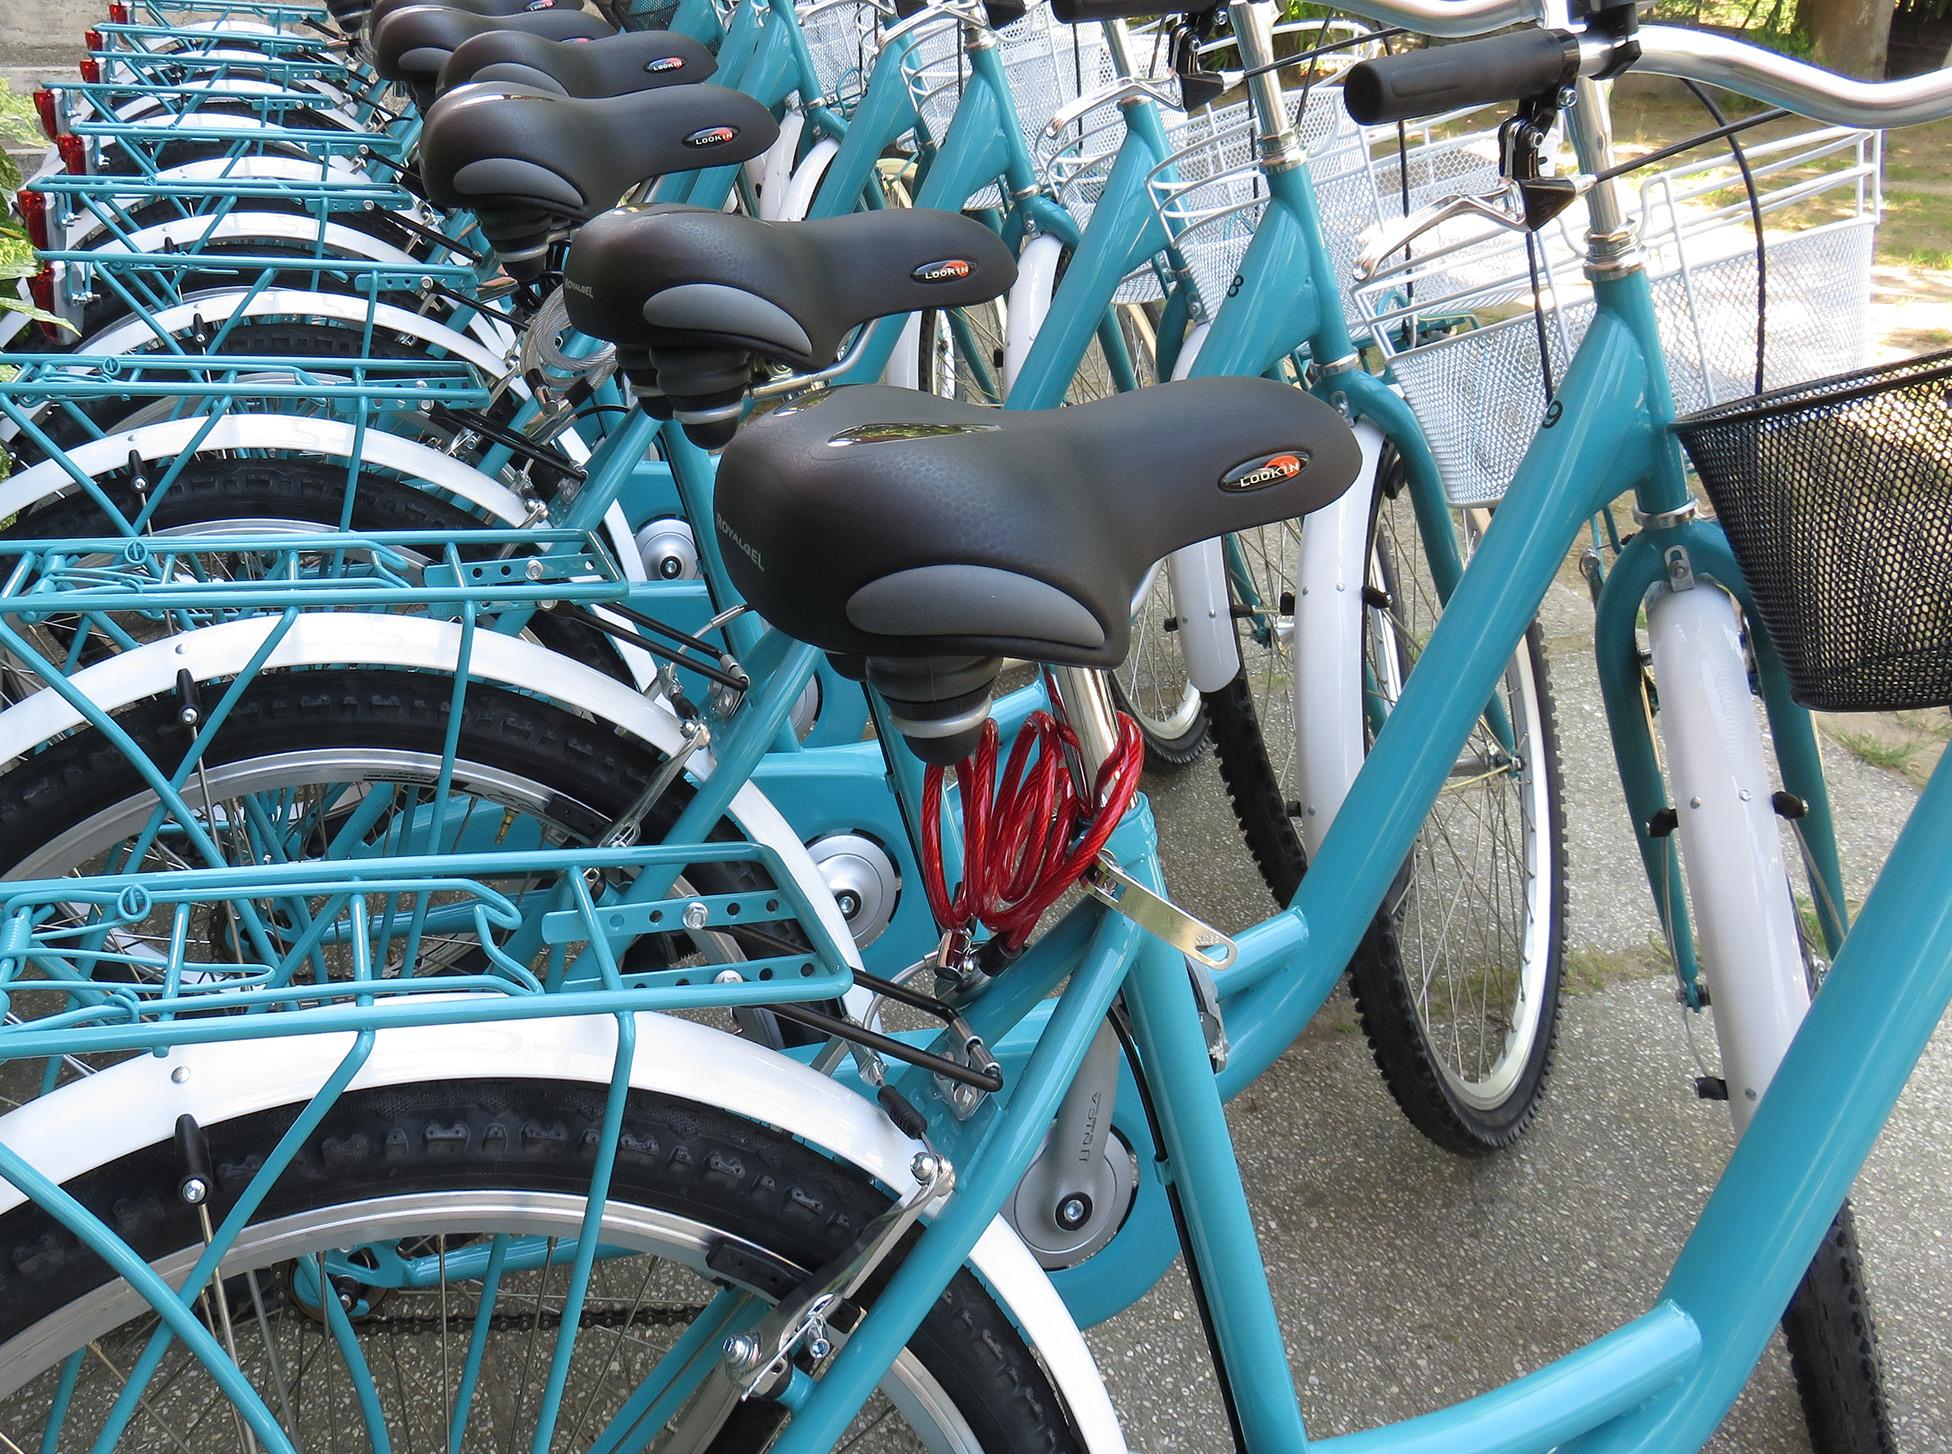 parco bici per hotel e campeggi